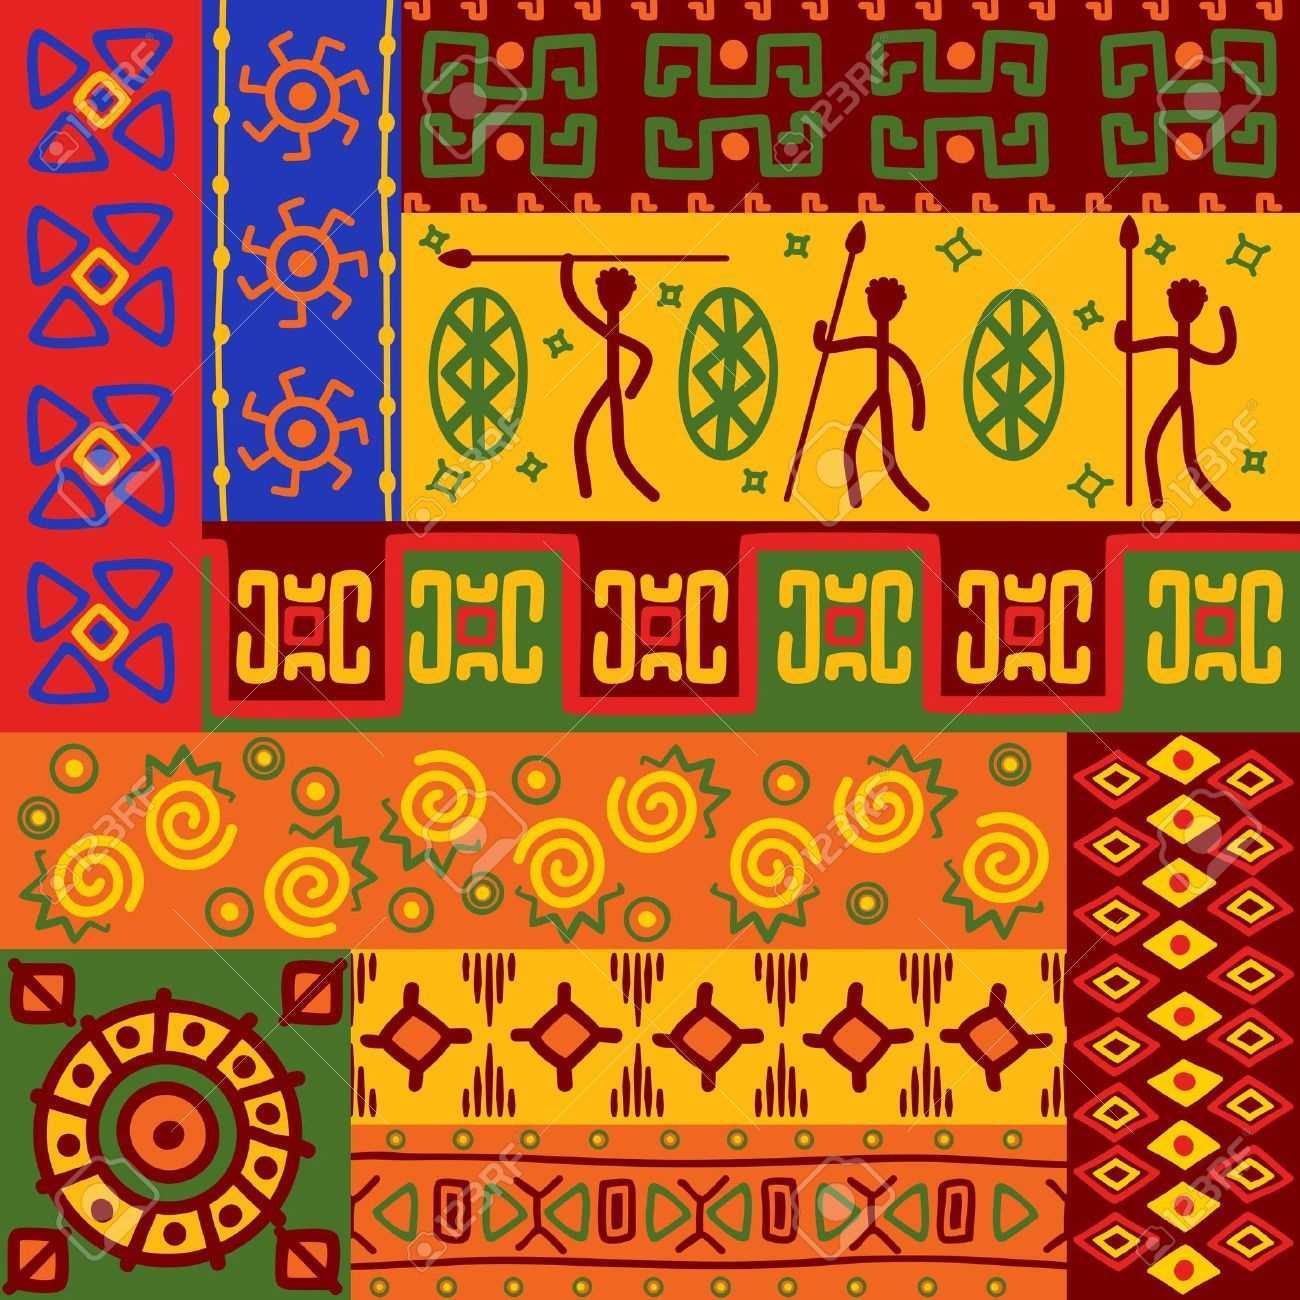 Zusammenfassung Afrikanischen Ethnischen Muster Und Ornamente Fur Design Ethnische Muster Musterkunst Afrikanische Muster